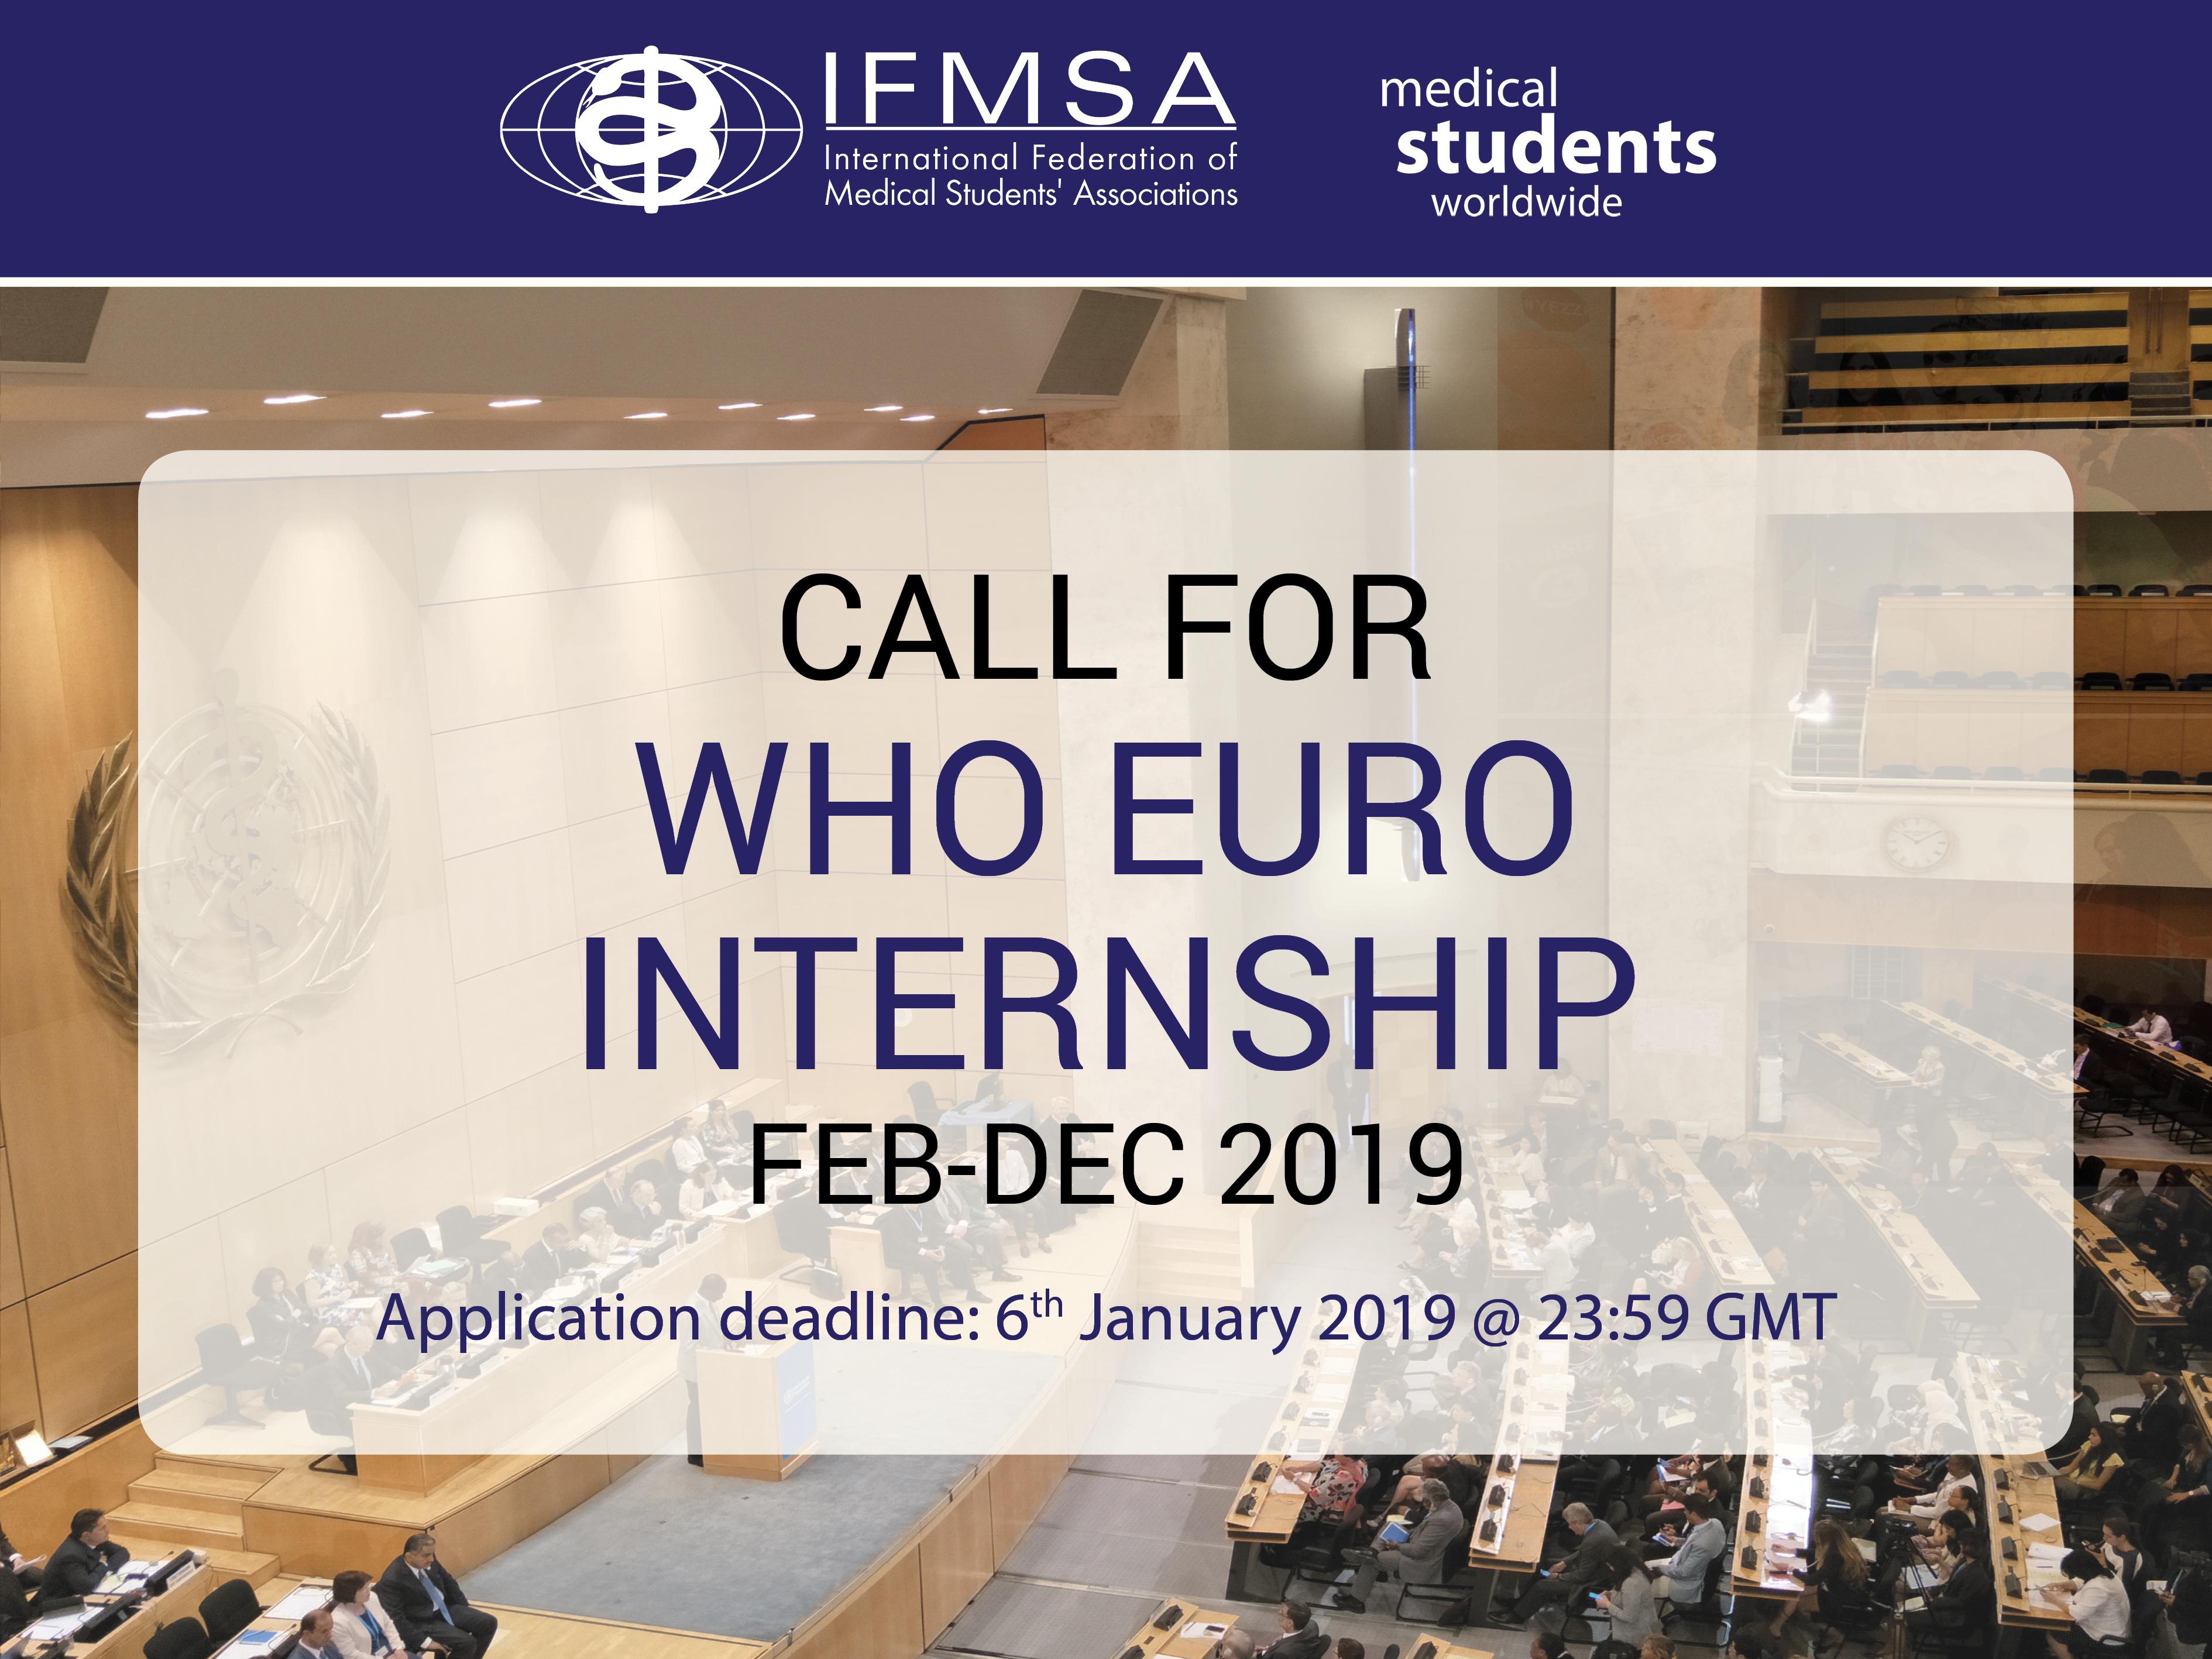 WHO EURO Internship